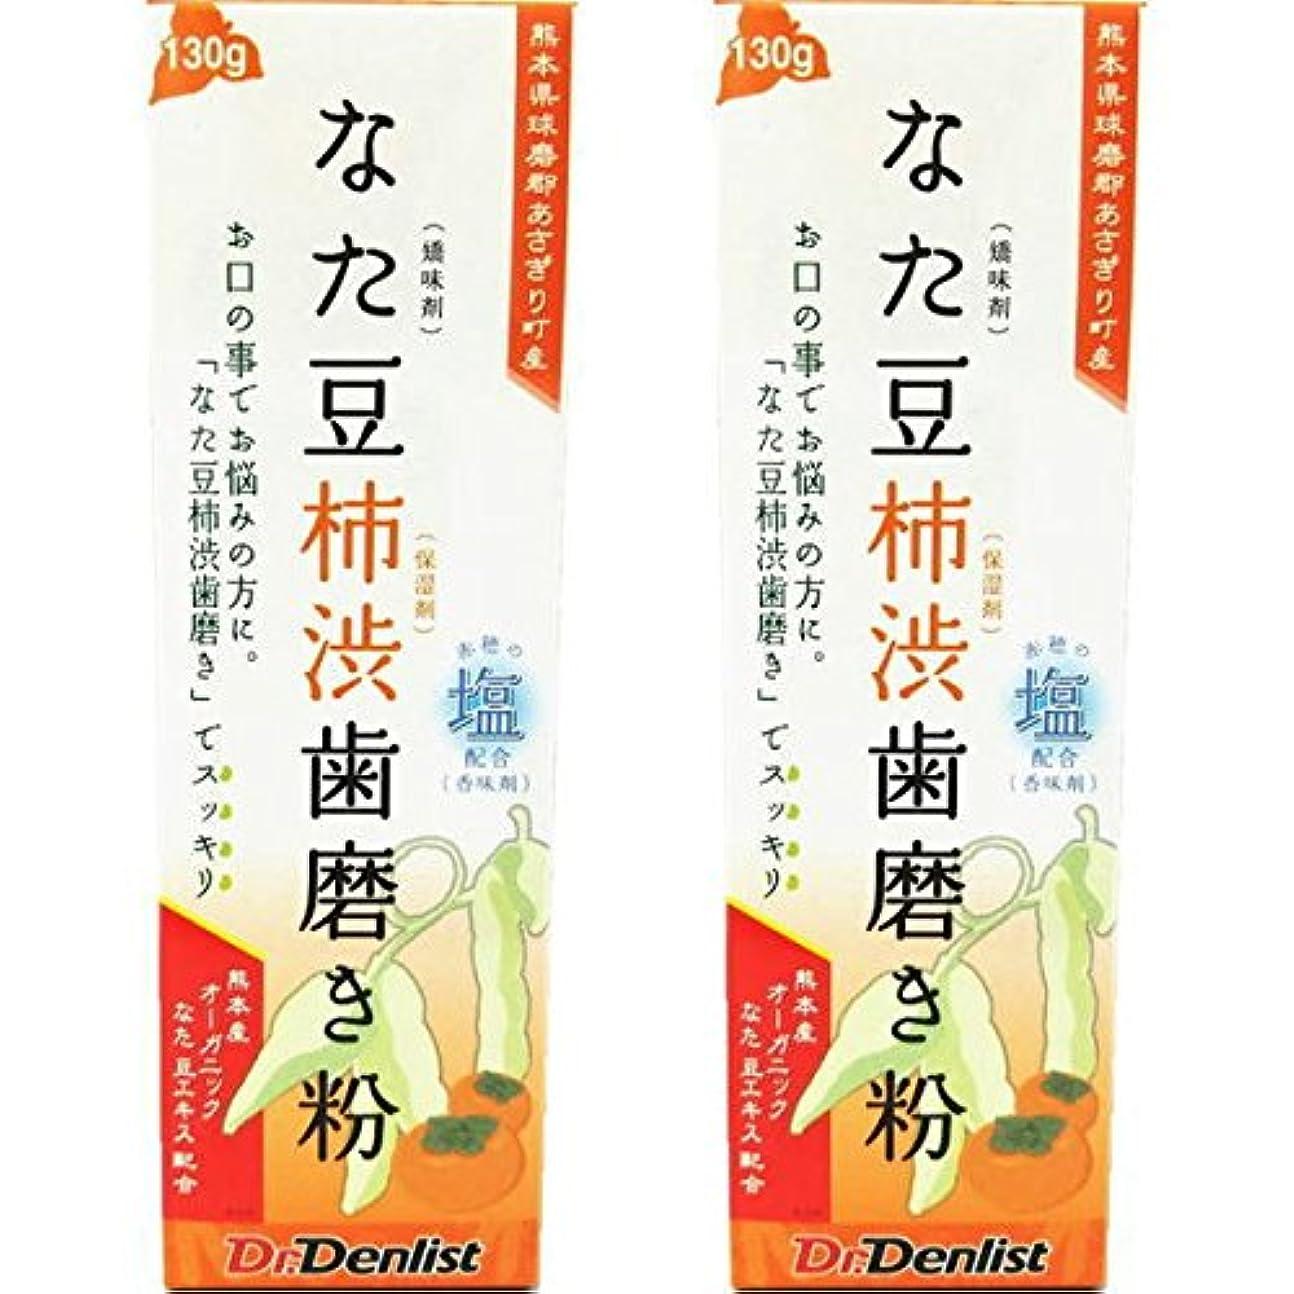 武装解除シニス脳なた豆柿渋歯磨き 130g 2個セット 国産 有機なた豆使用 赤穂の塩配合(香味剤)